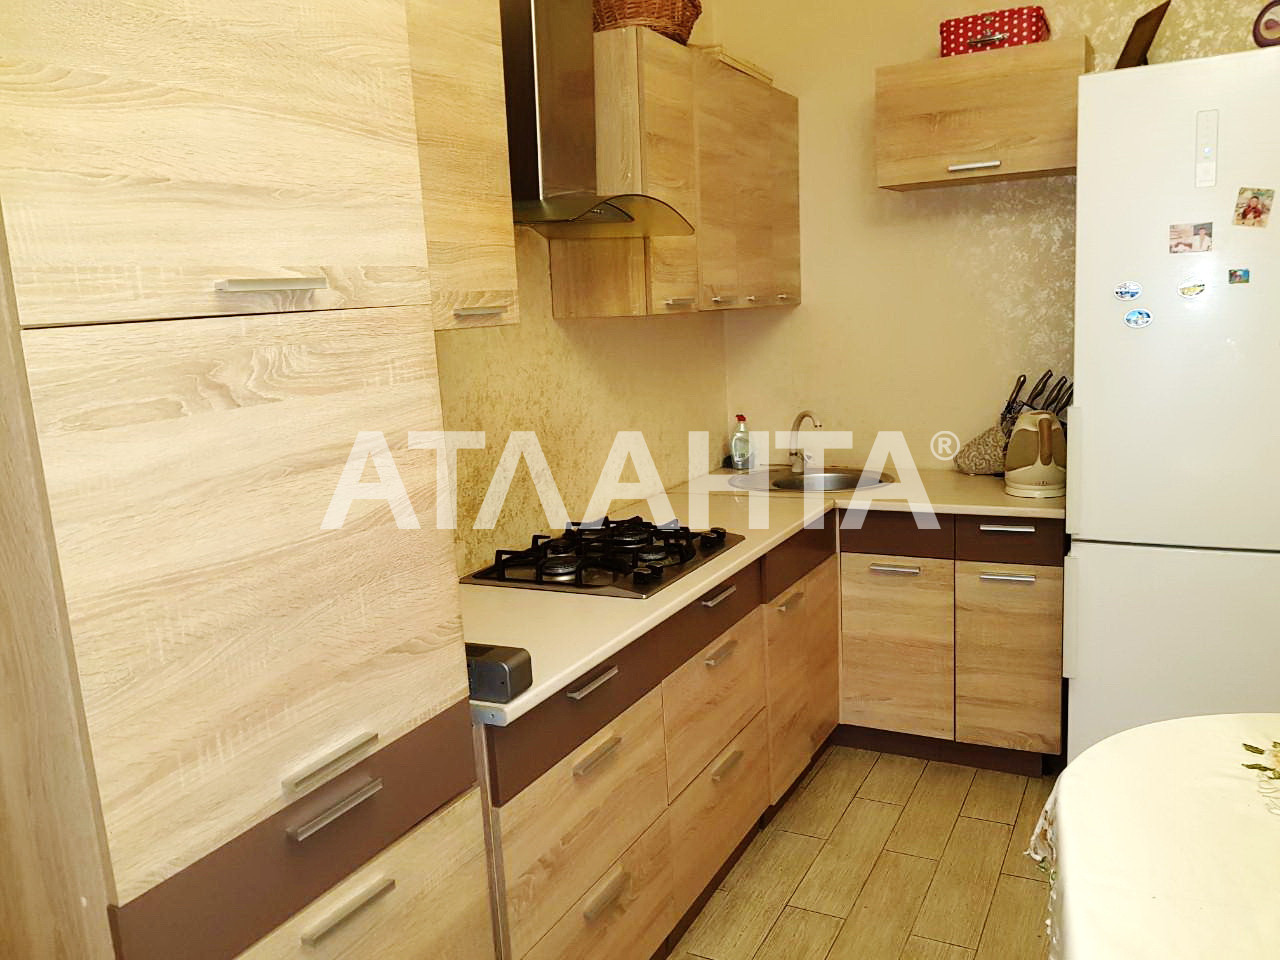 Продается 1-комнатная Квартира на ул. Вишневая — 55 000 у.е. (фото №3)